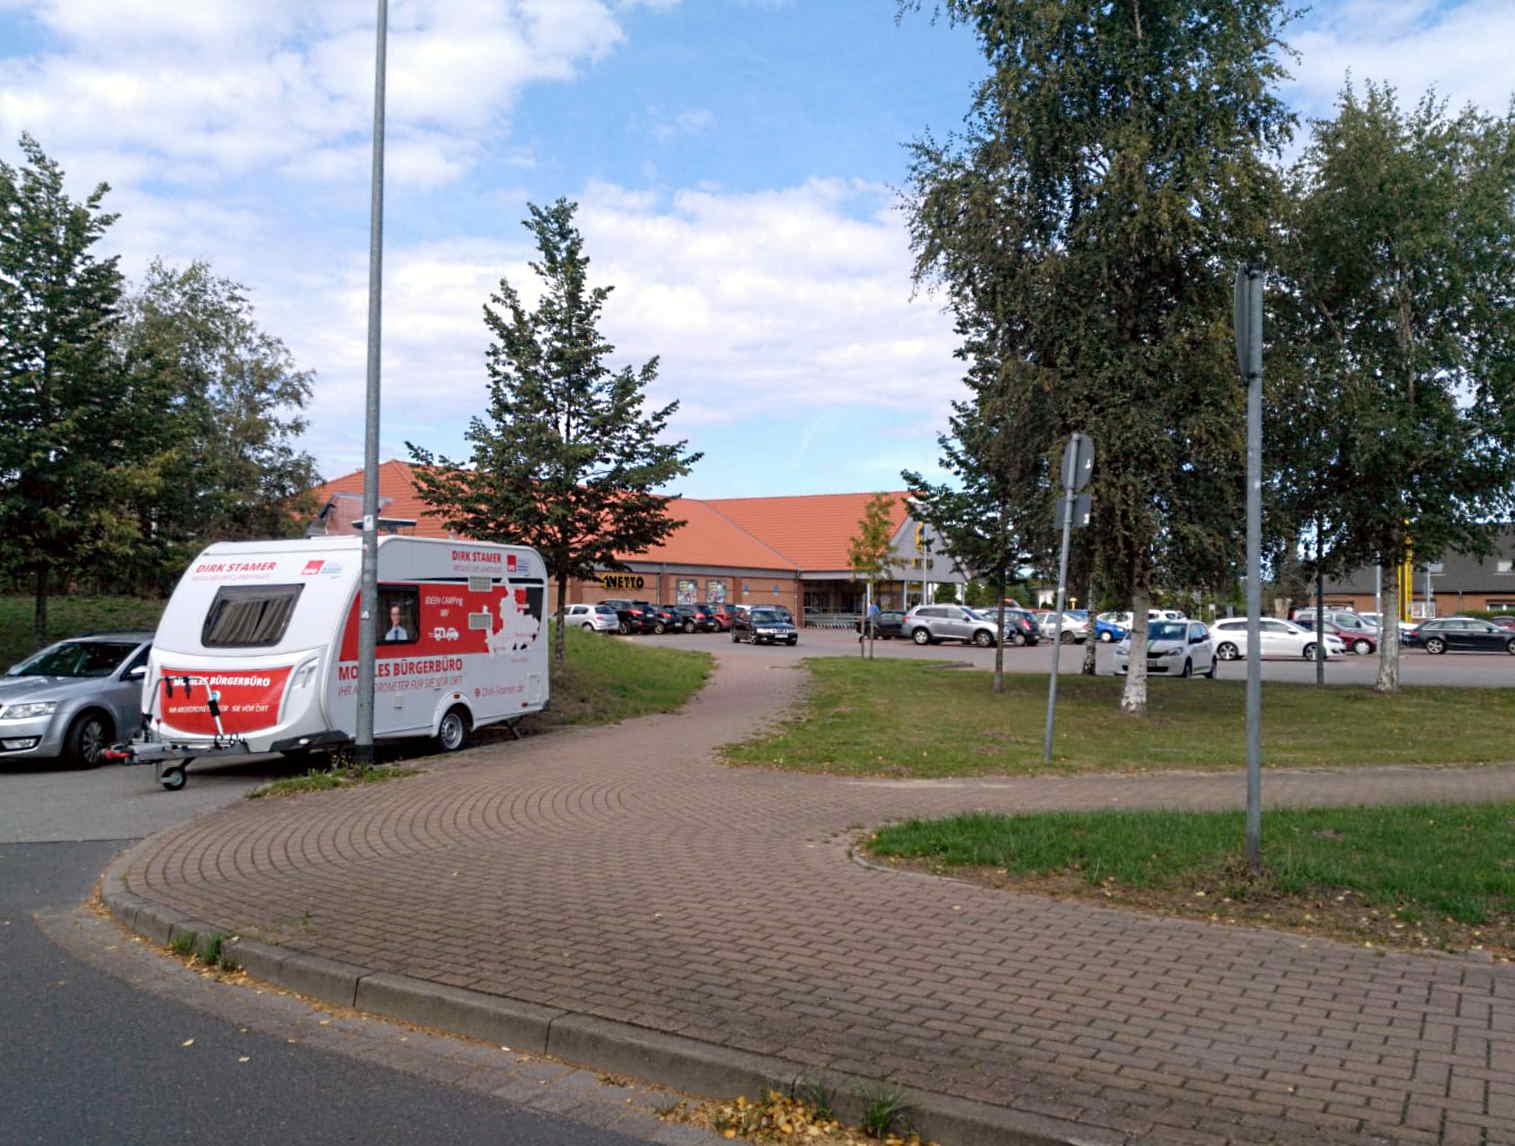 Bürgerbüro vor Ort in Rövershagen